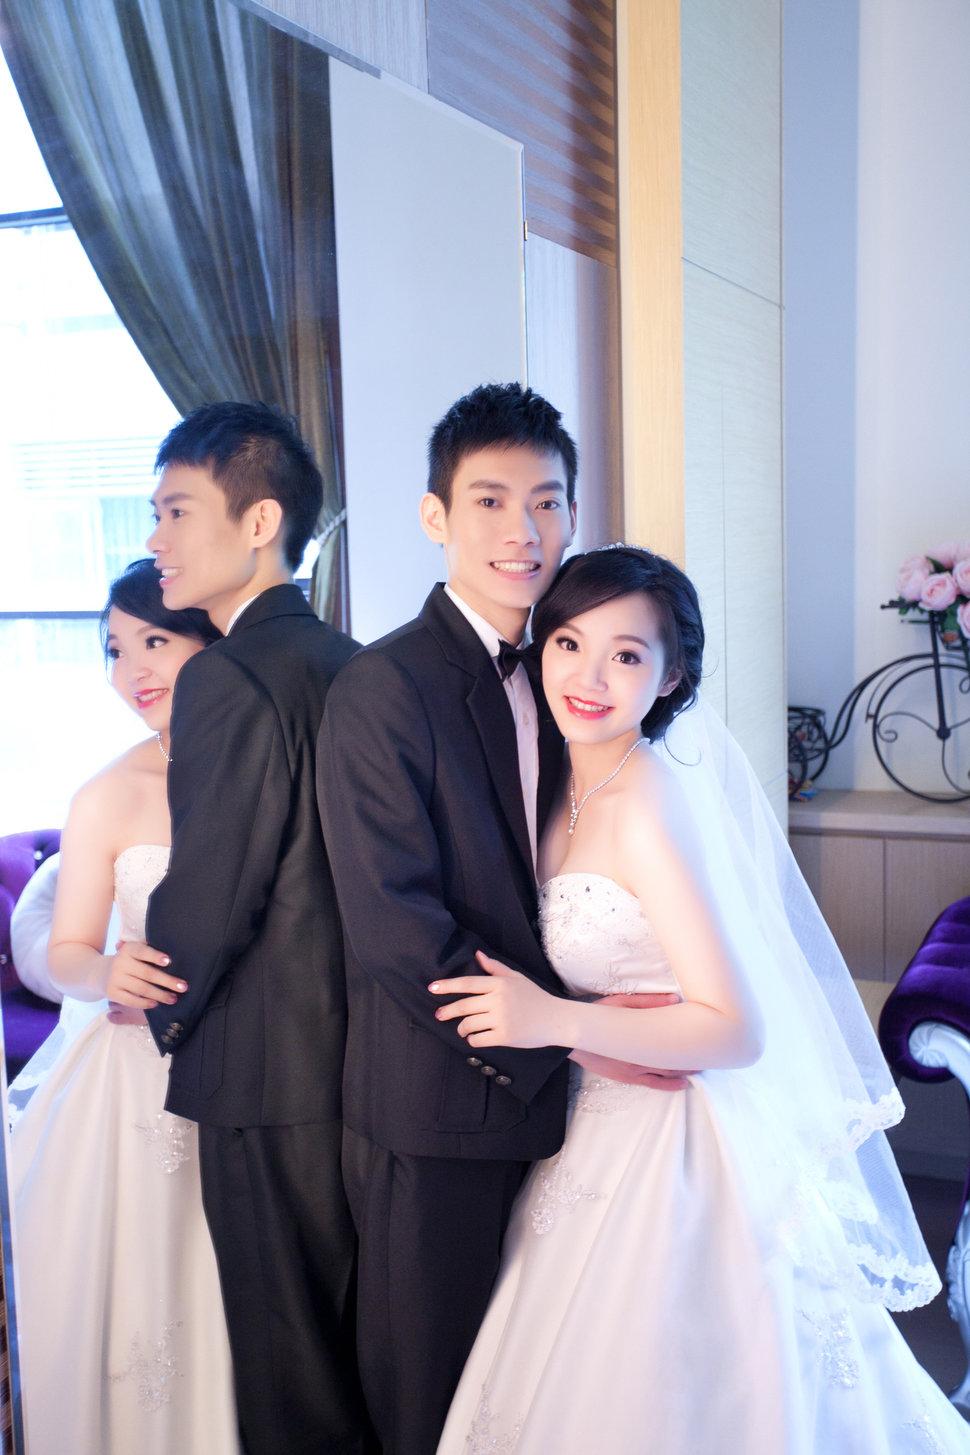 0-49 - 台中2號出口婚紗攝影工作室 - 結婚吧